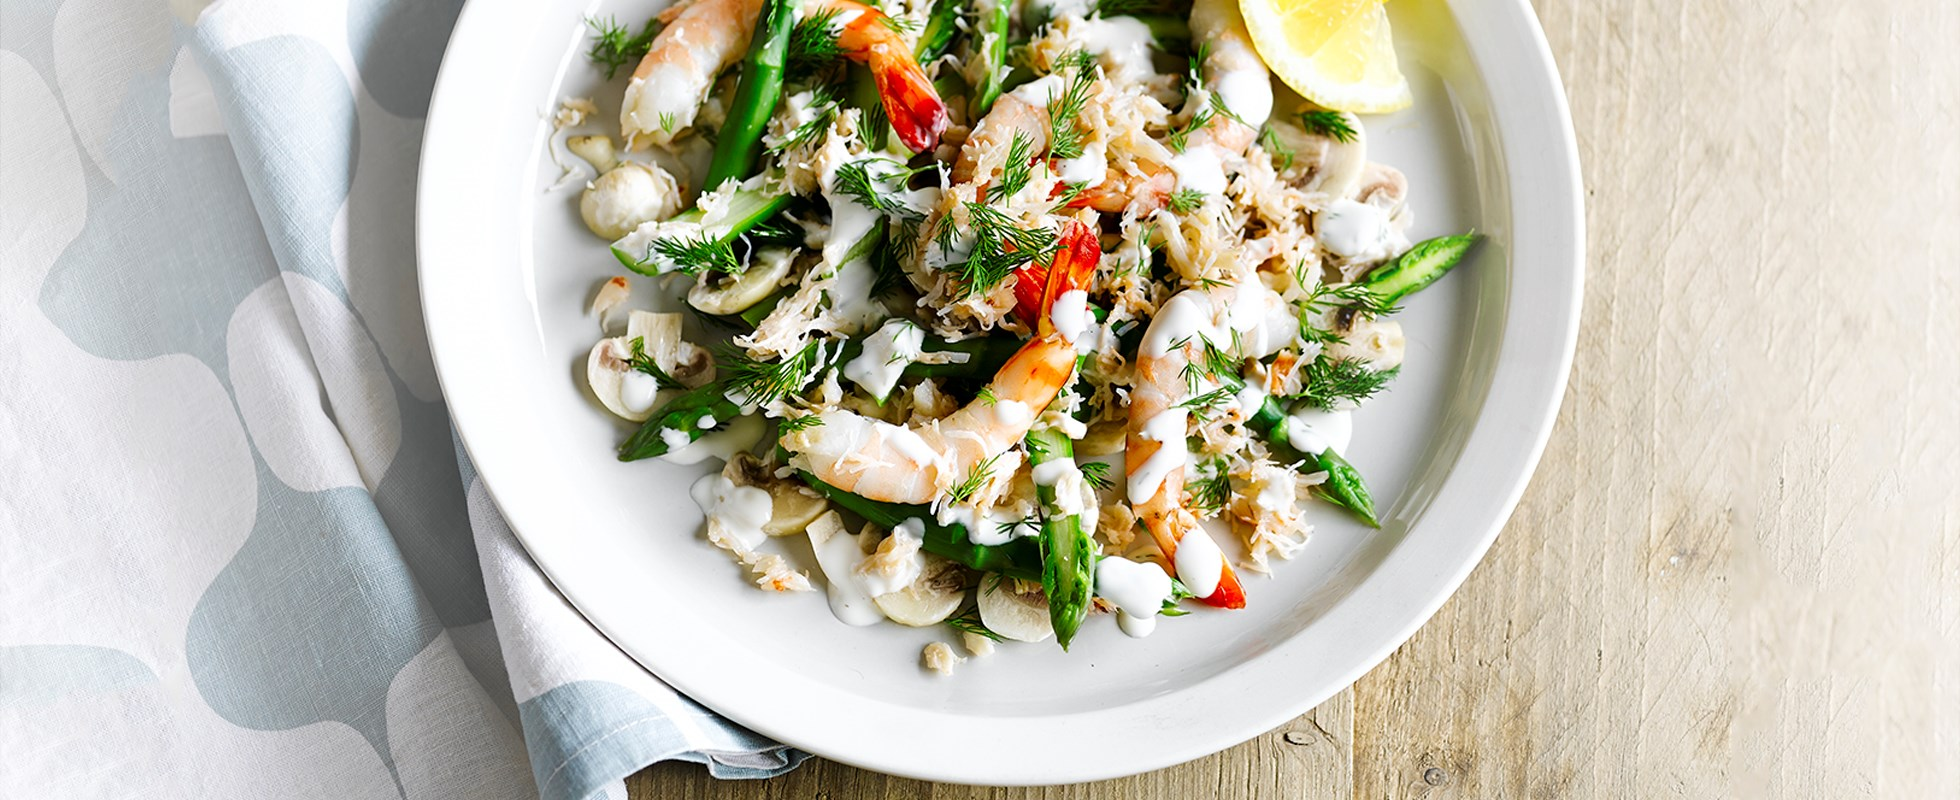 West coast salad (Västkustsallad) recipe